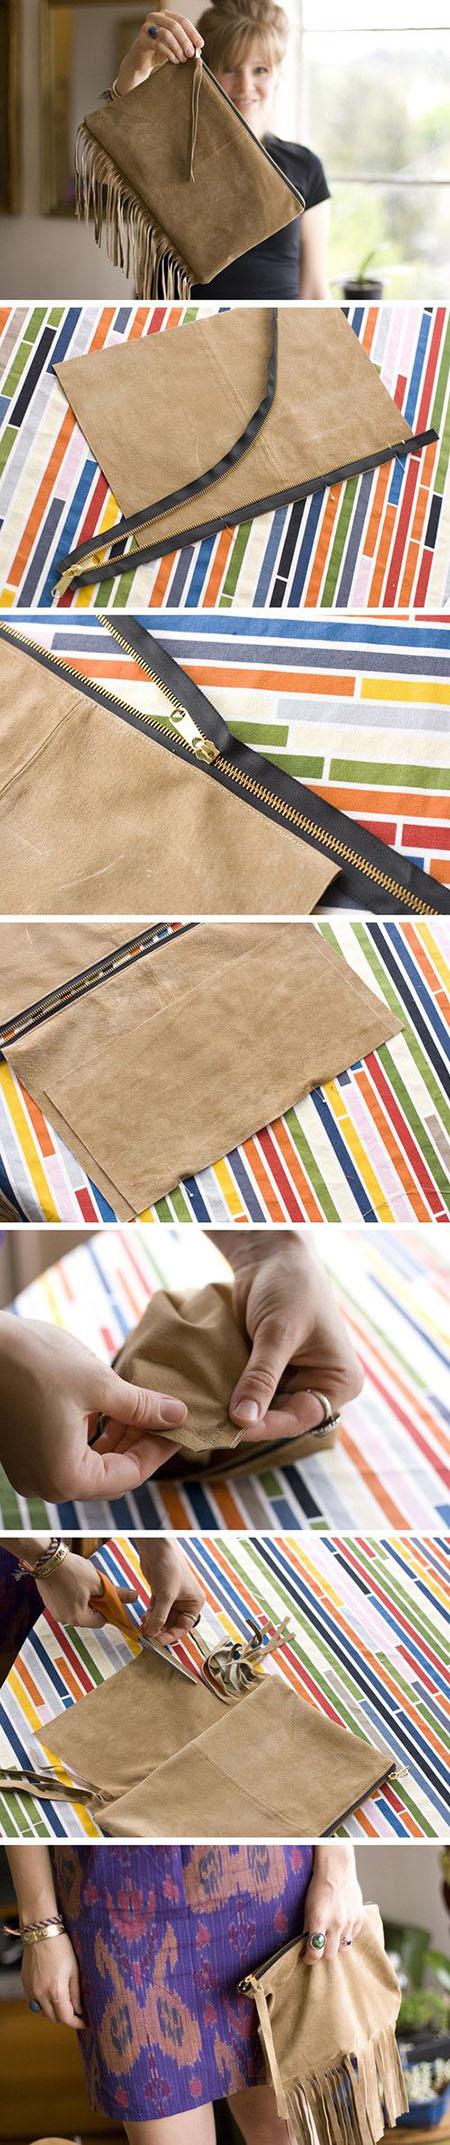 DIY Clutch  | DIY & Crafts Tutorials